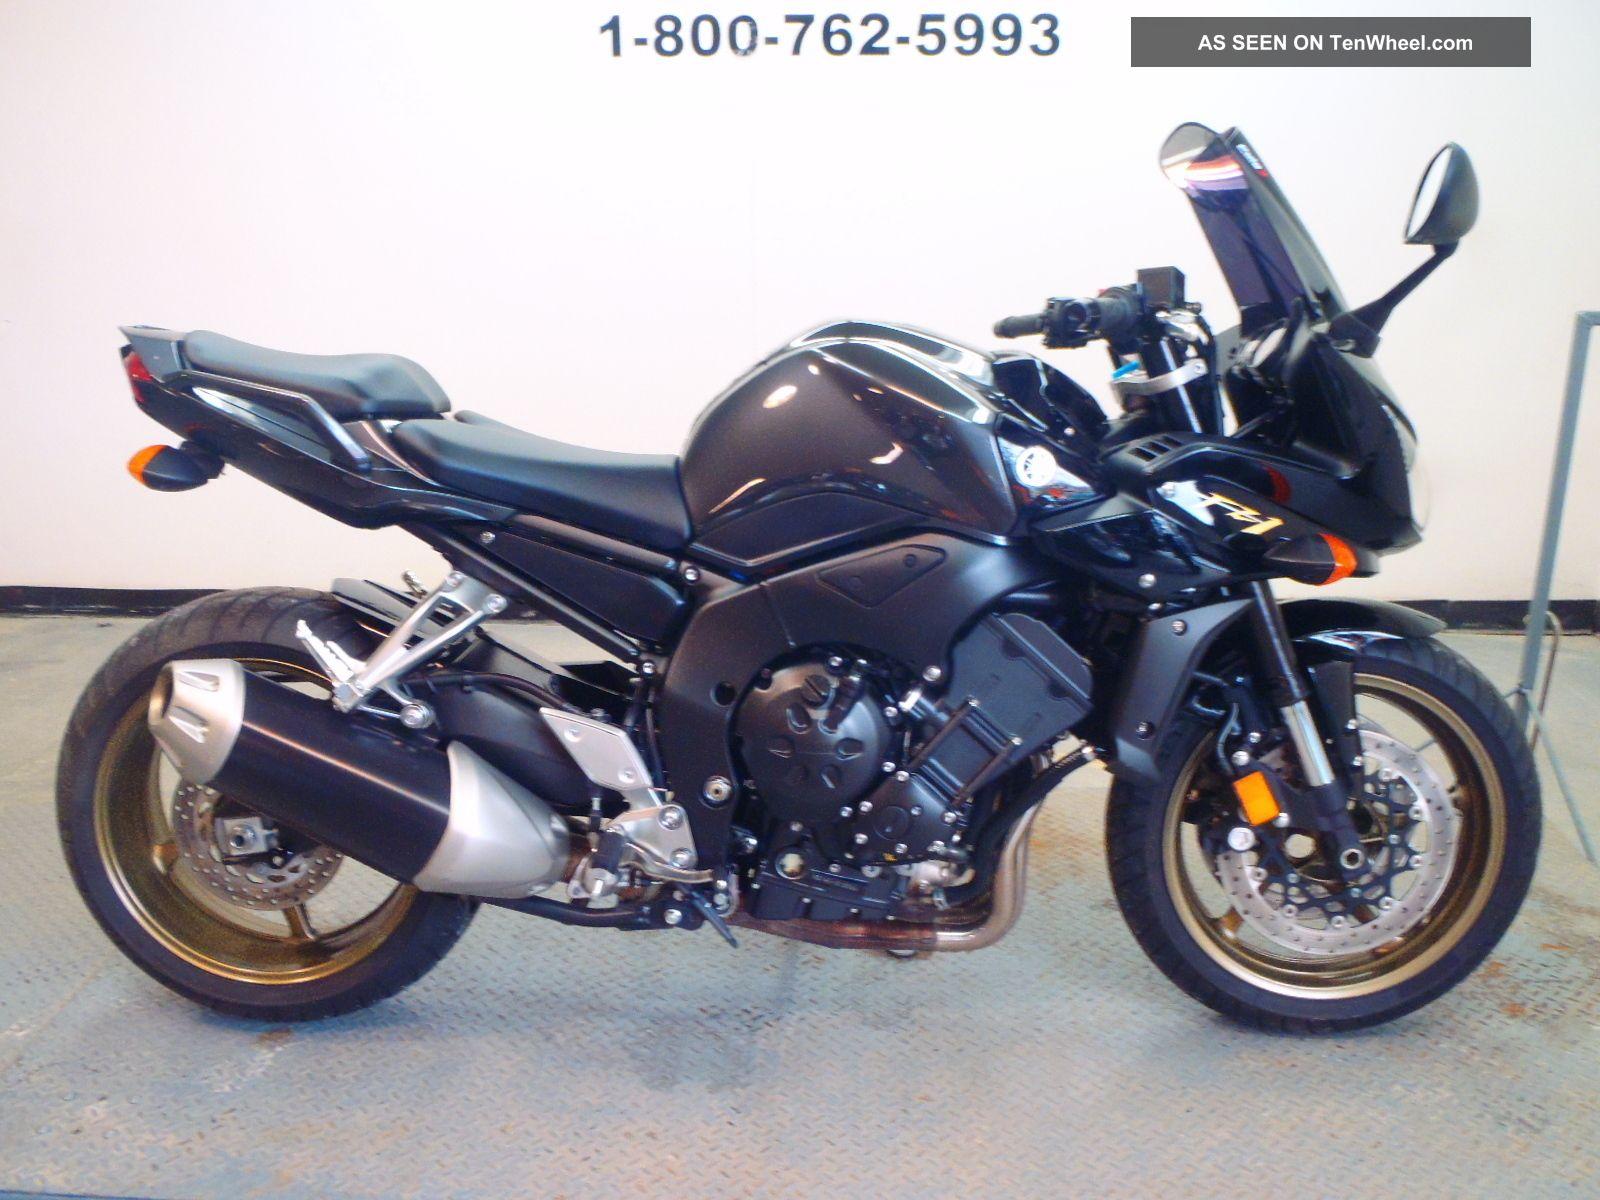 2009 Yamaha Fz - 1 Sportbike Um10090 Jb FZ photo